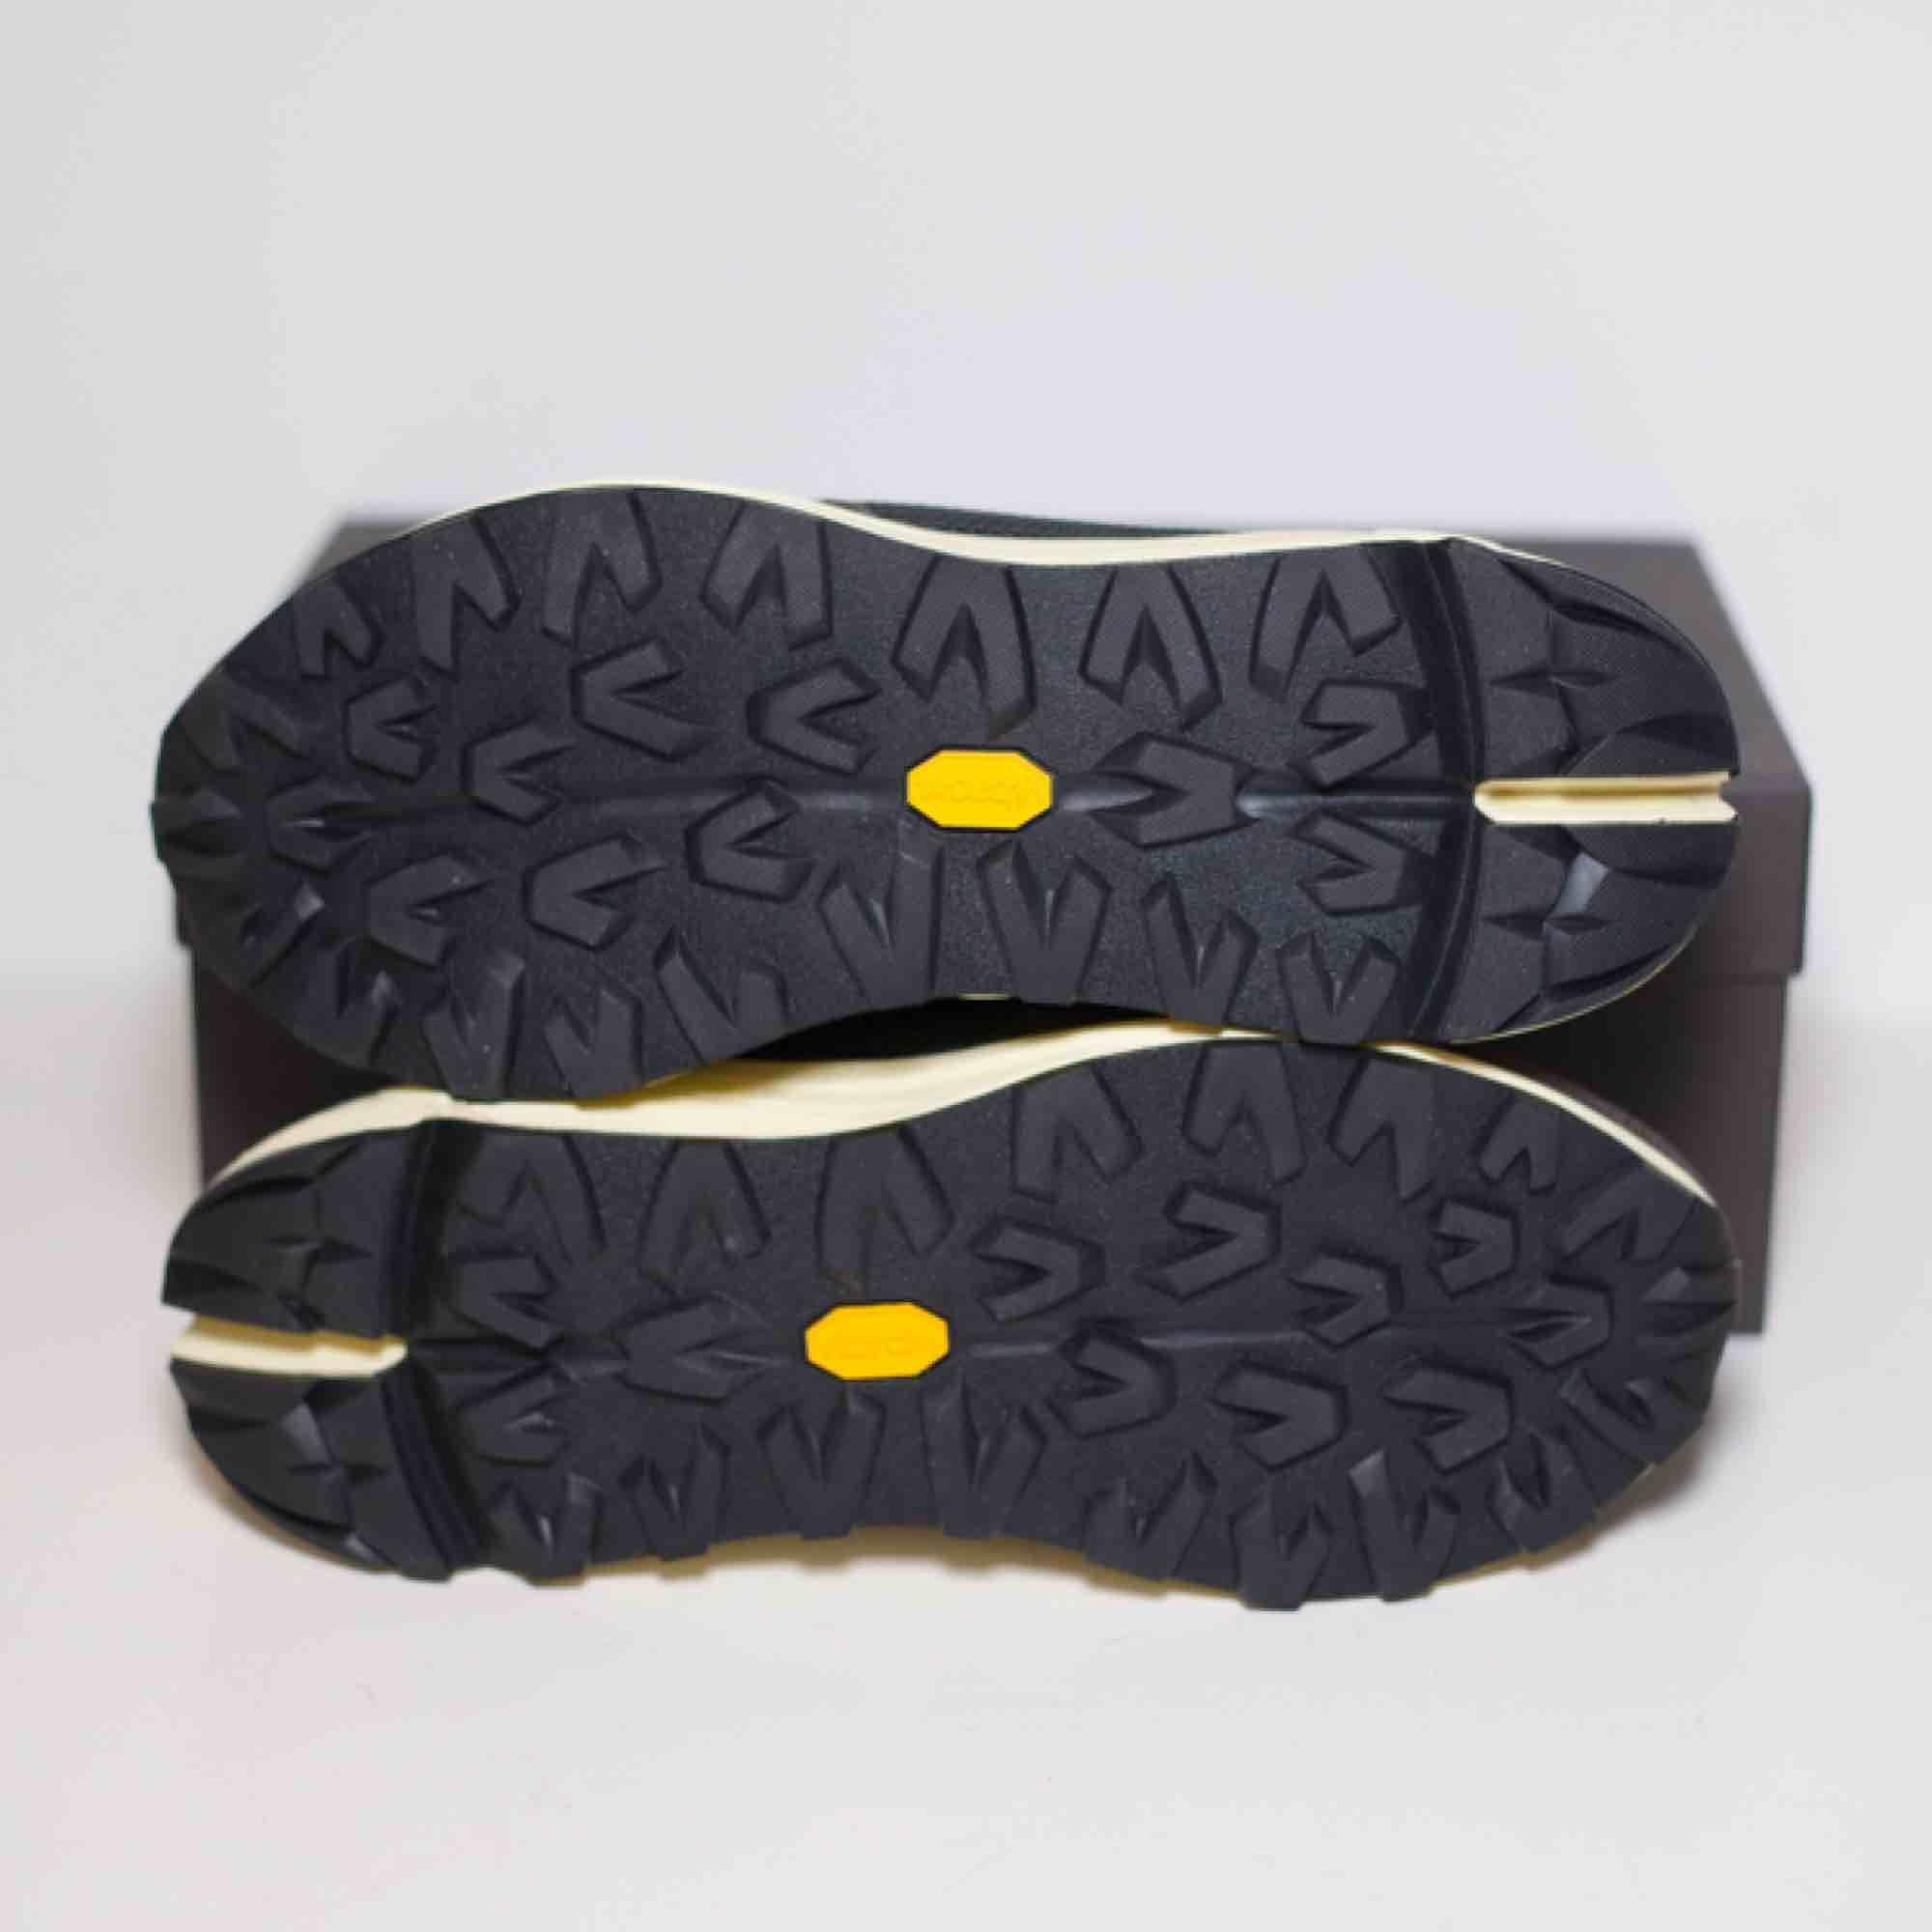 Säljer ett par Our Legacy Mono Runners i Anthracite färgen! Nypris: 3500kr  Size: EU 40 (sitter 41-42) Cond: 10/10 (aldrig använda). Skor.